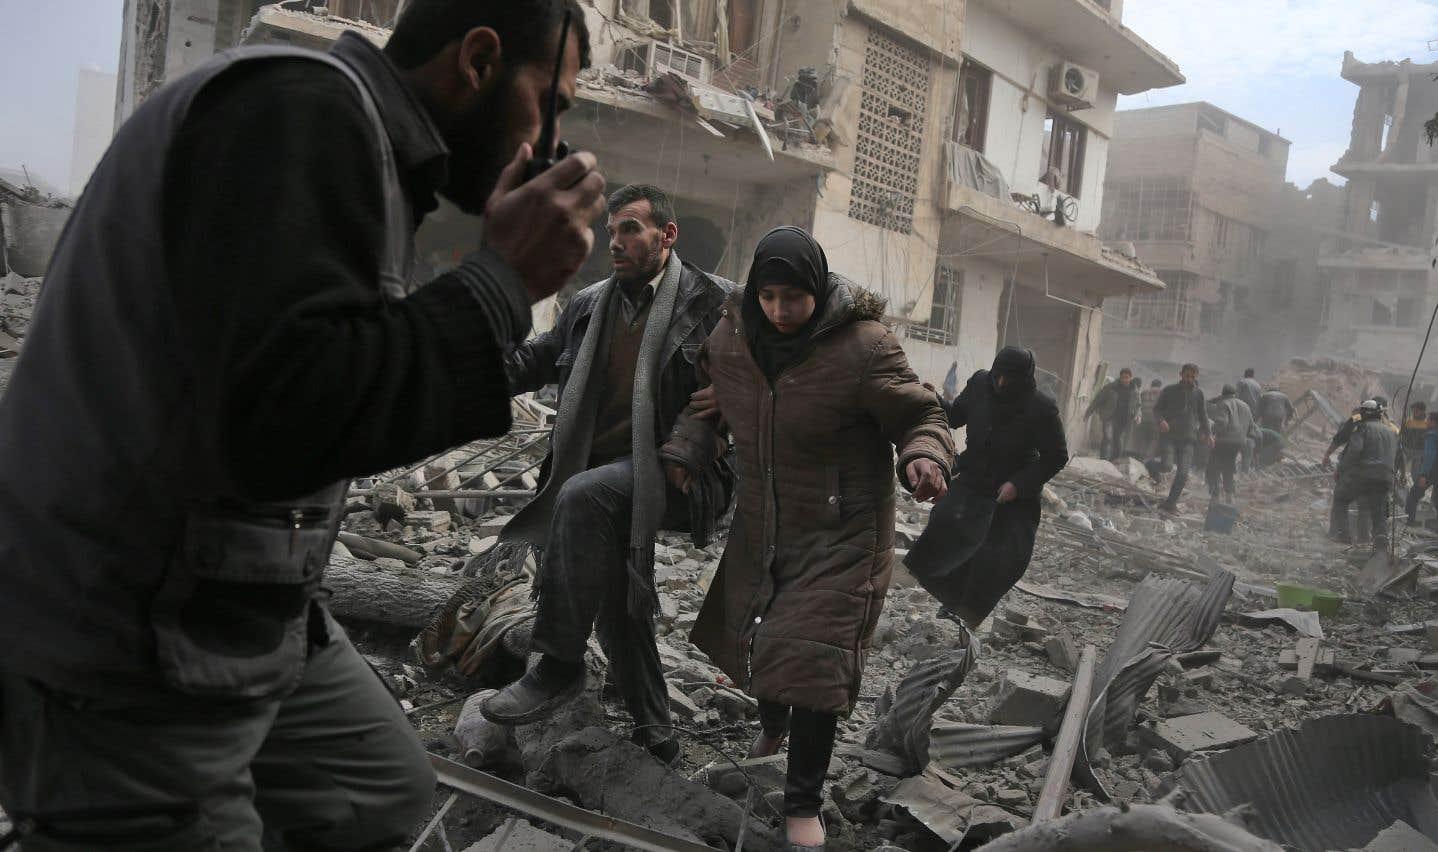 Plus de 200 civils ont été tués depuis dimanche par de violents bombardements du régime syrien sur la Ghouta, selon l'OSDH.